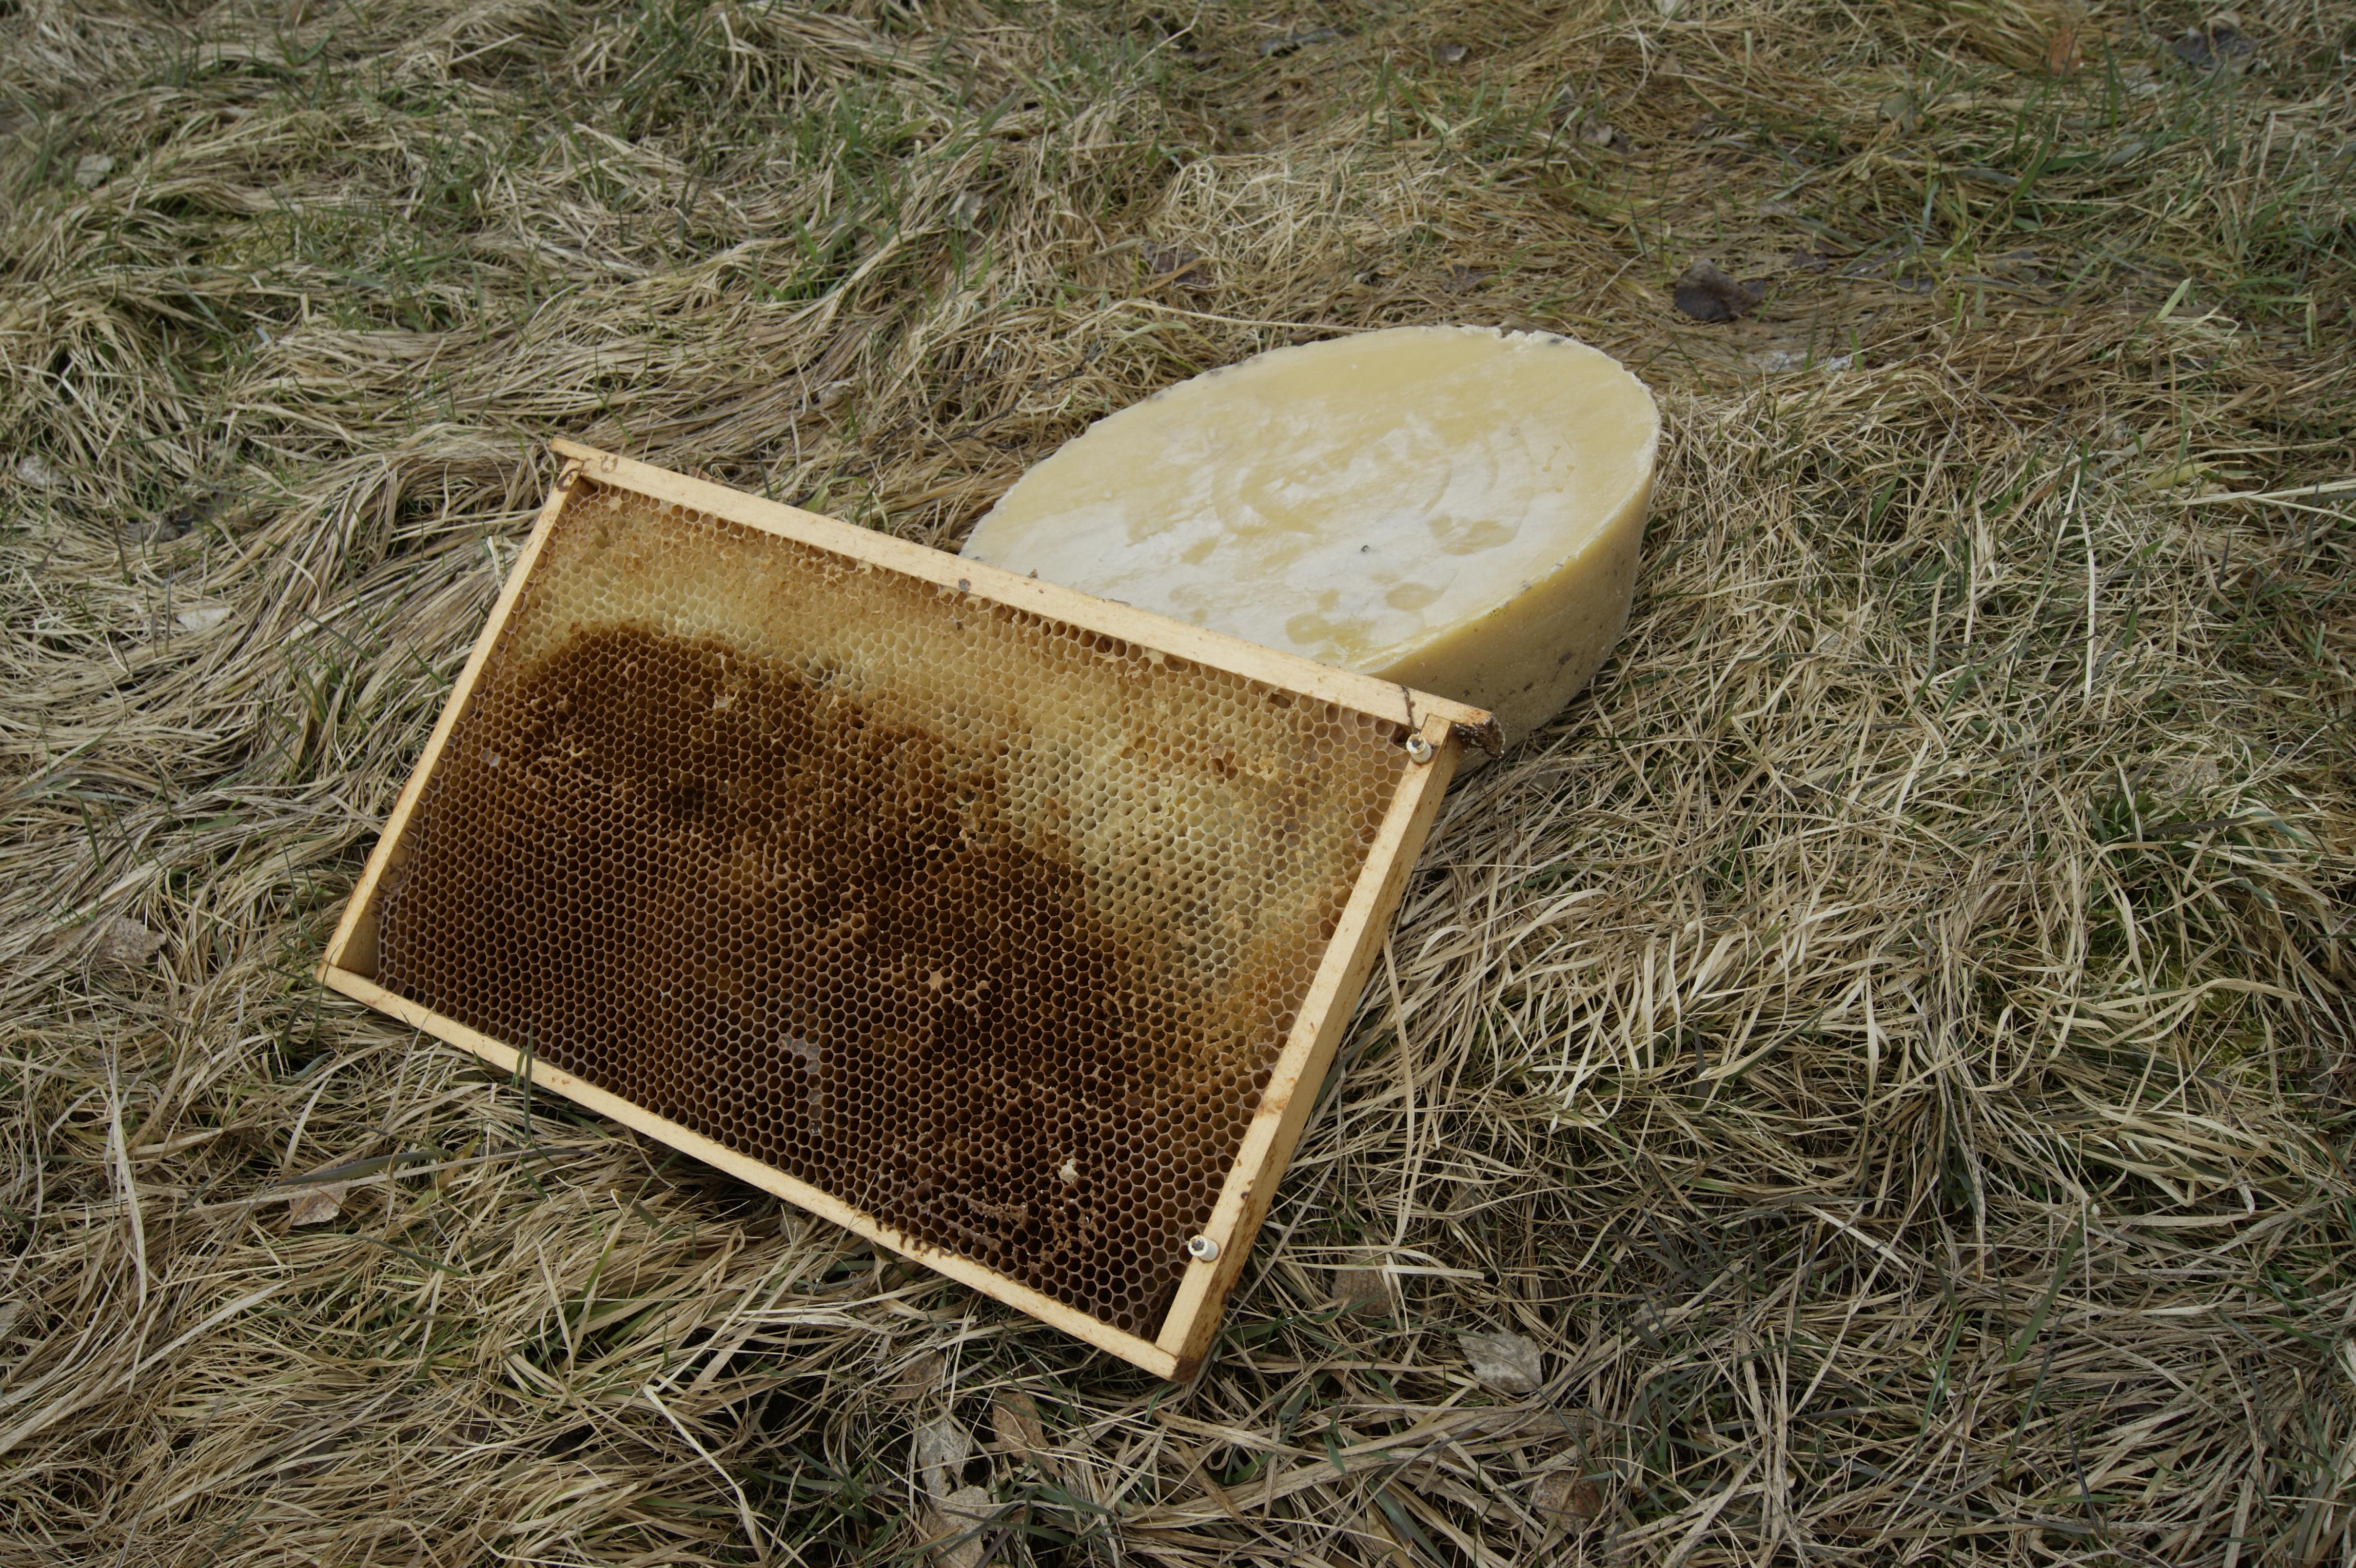 O včelách a původu včelího vosku 🐝